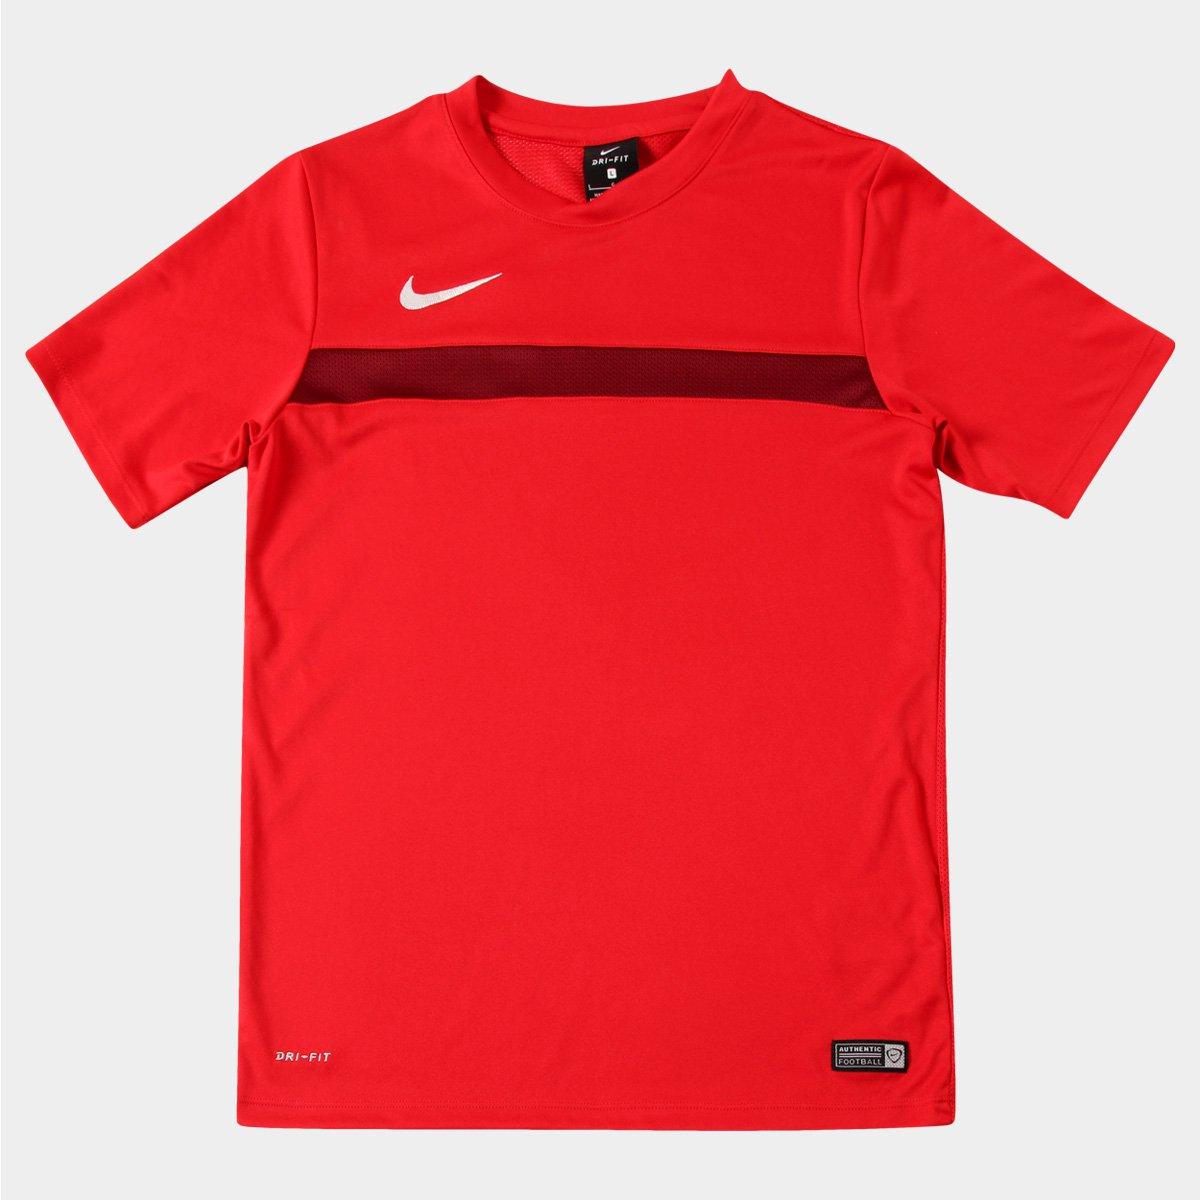 8e4f9e7cb3 Camisa Nike Academy Training Infantil - Vermelho+Branco